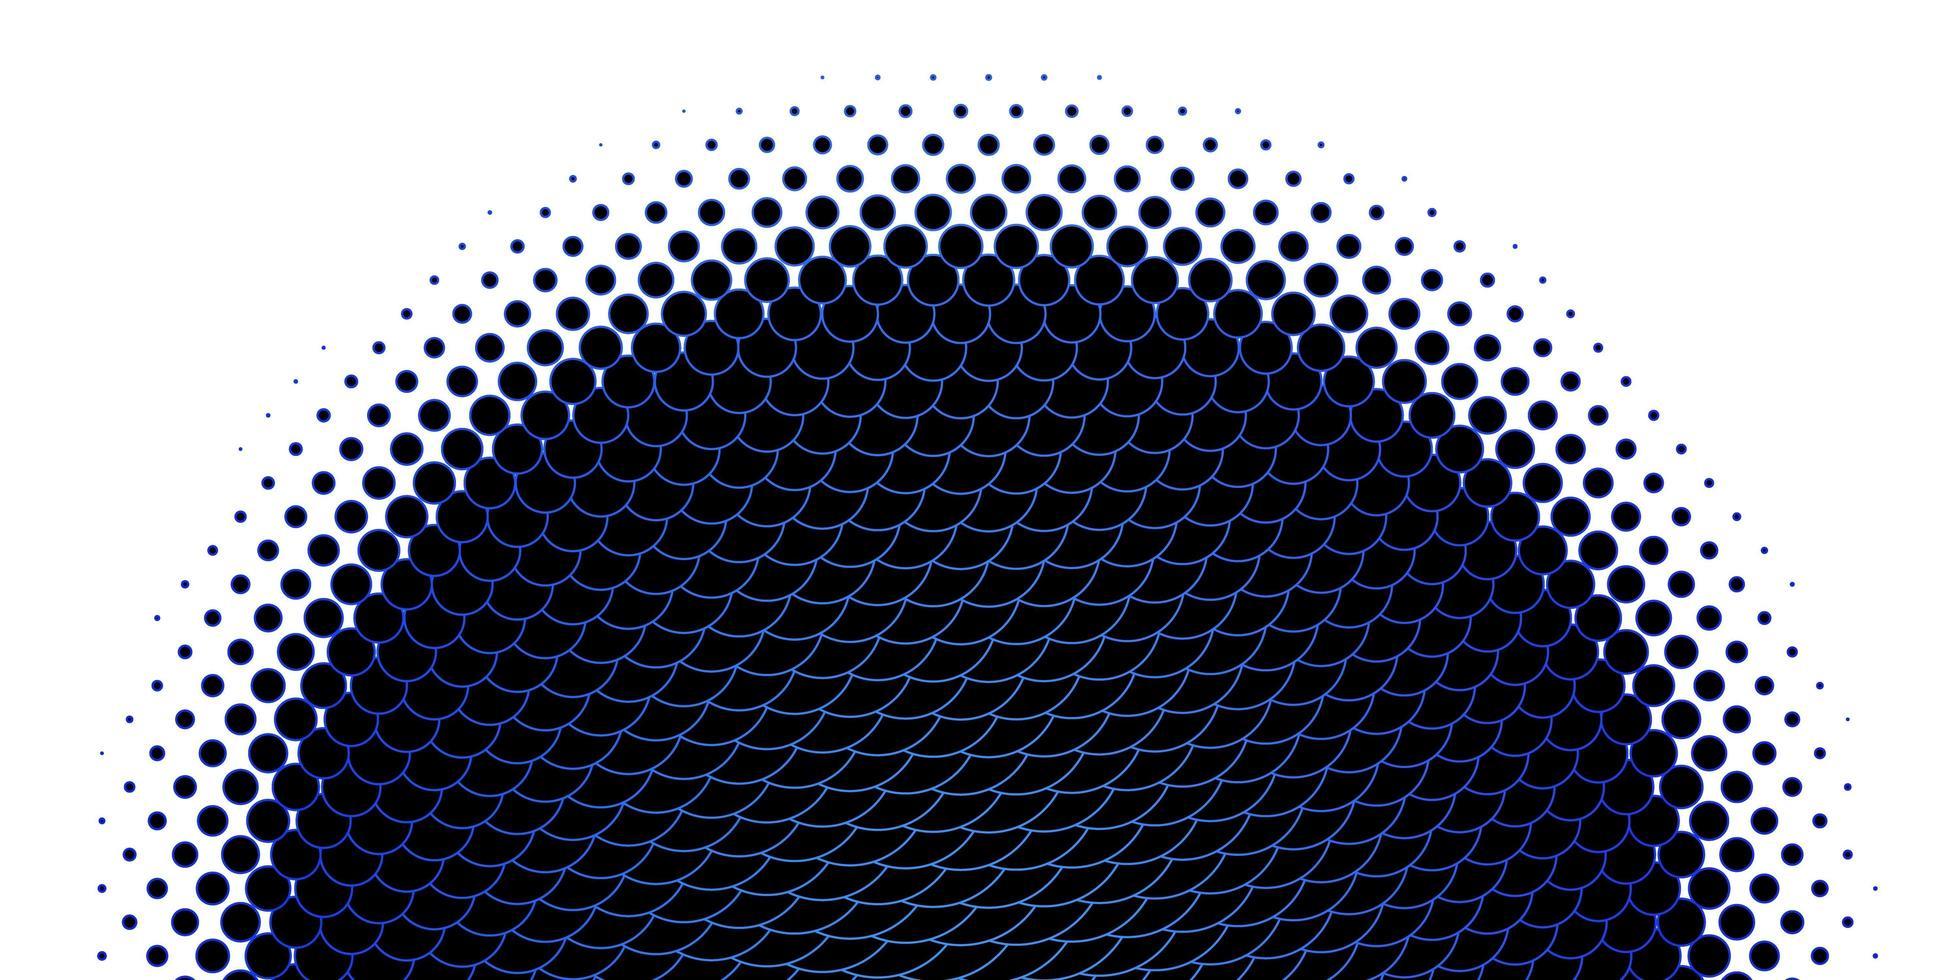 modèle de cercles bleu clair vecteur